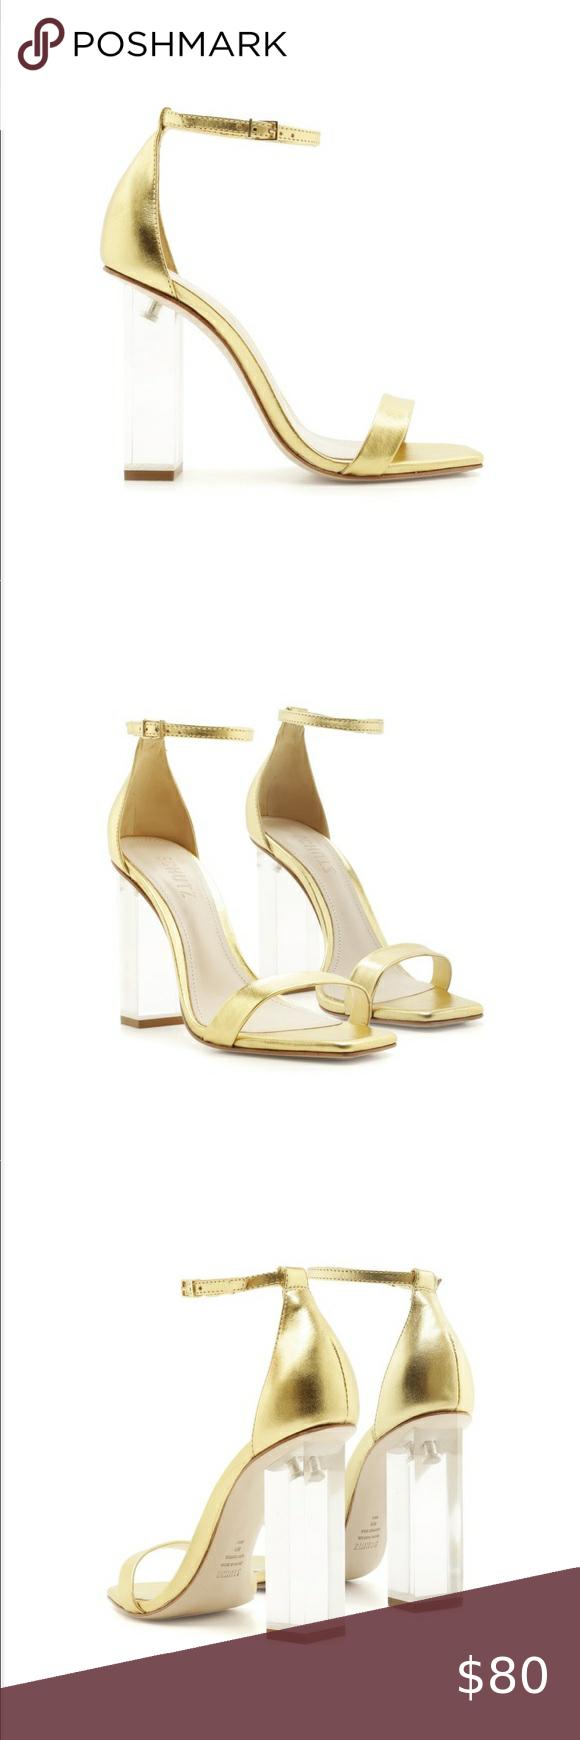 NIB Schutz Sanai Gold Metallic Sandal Sz 8.5 Brand New in their box with origina...